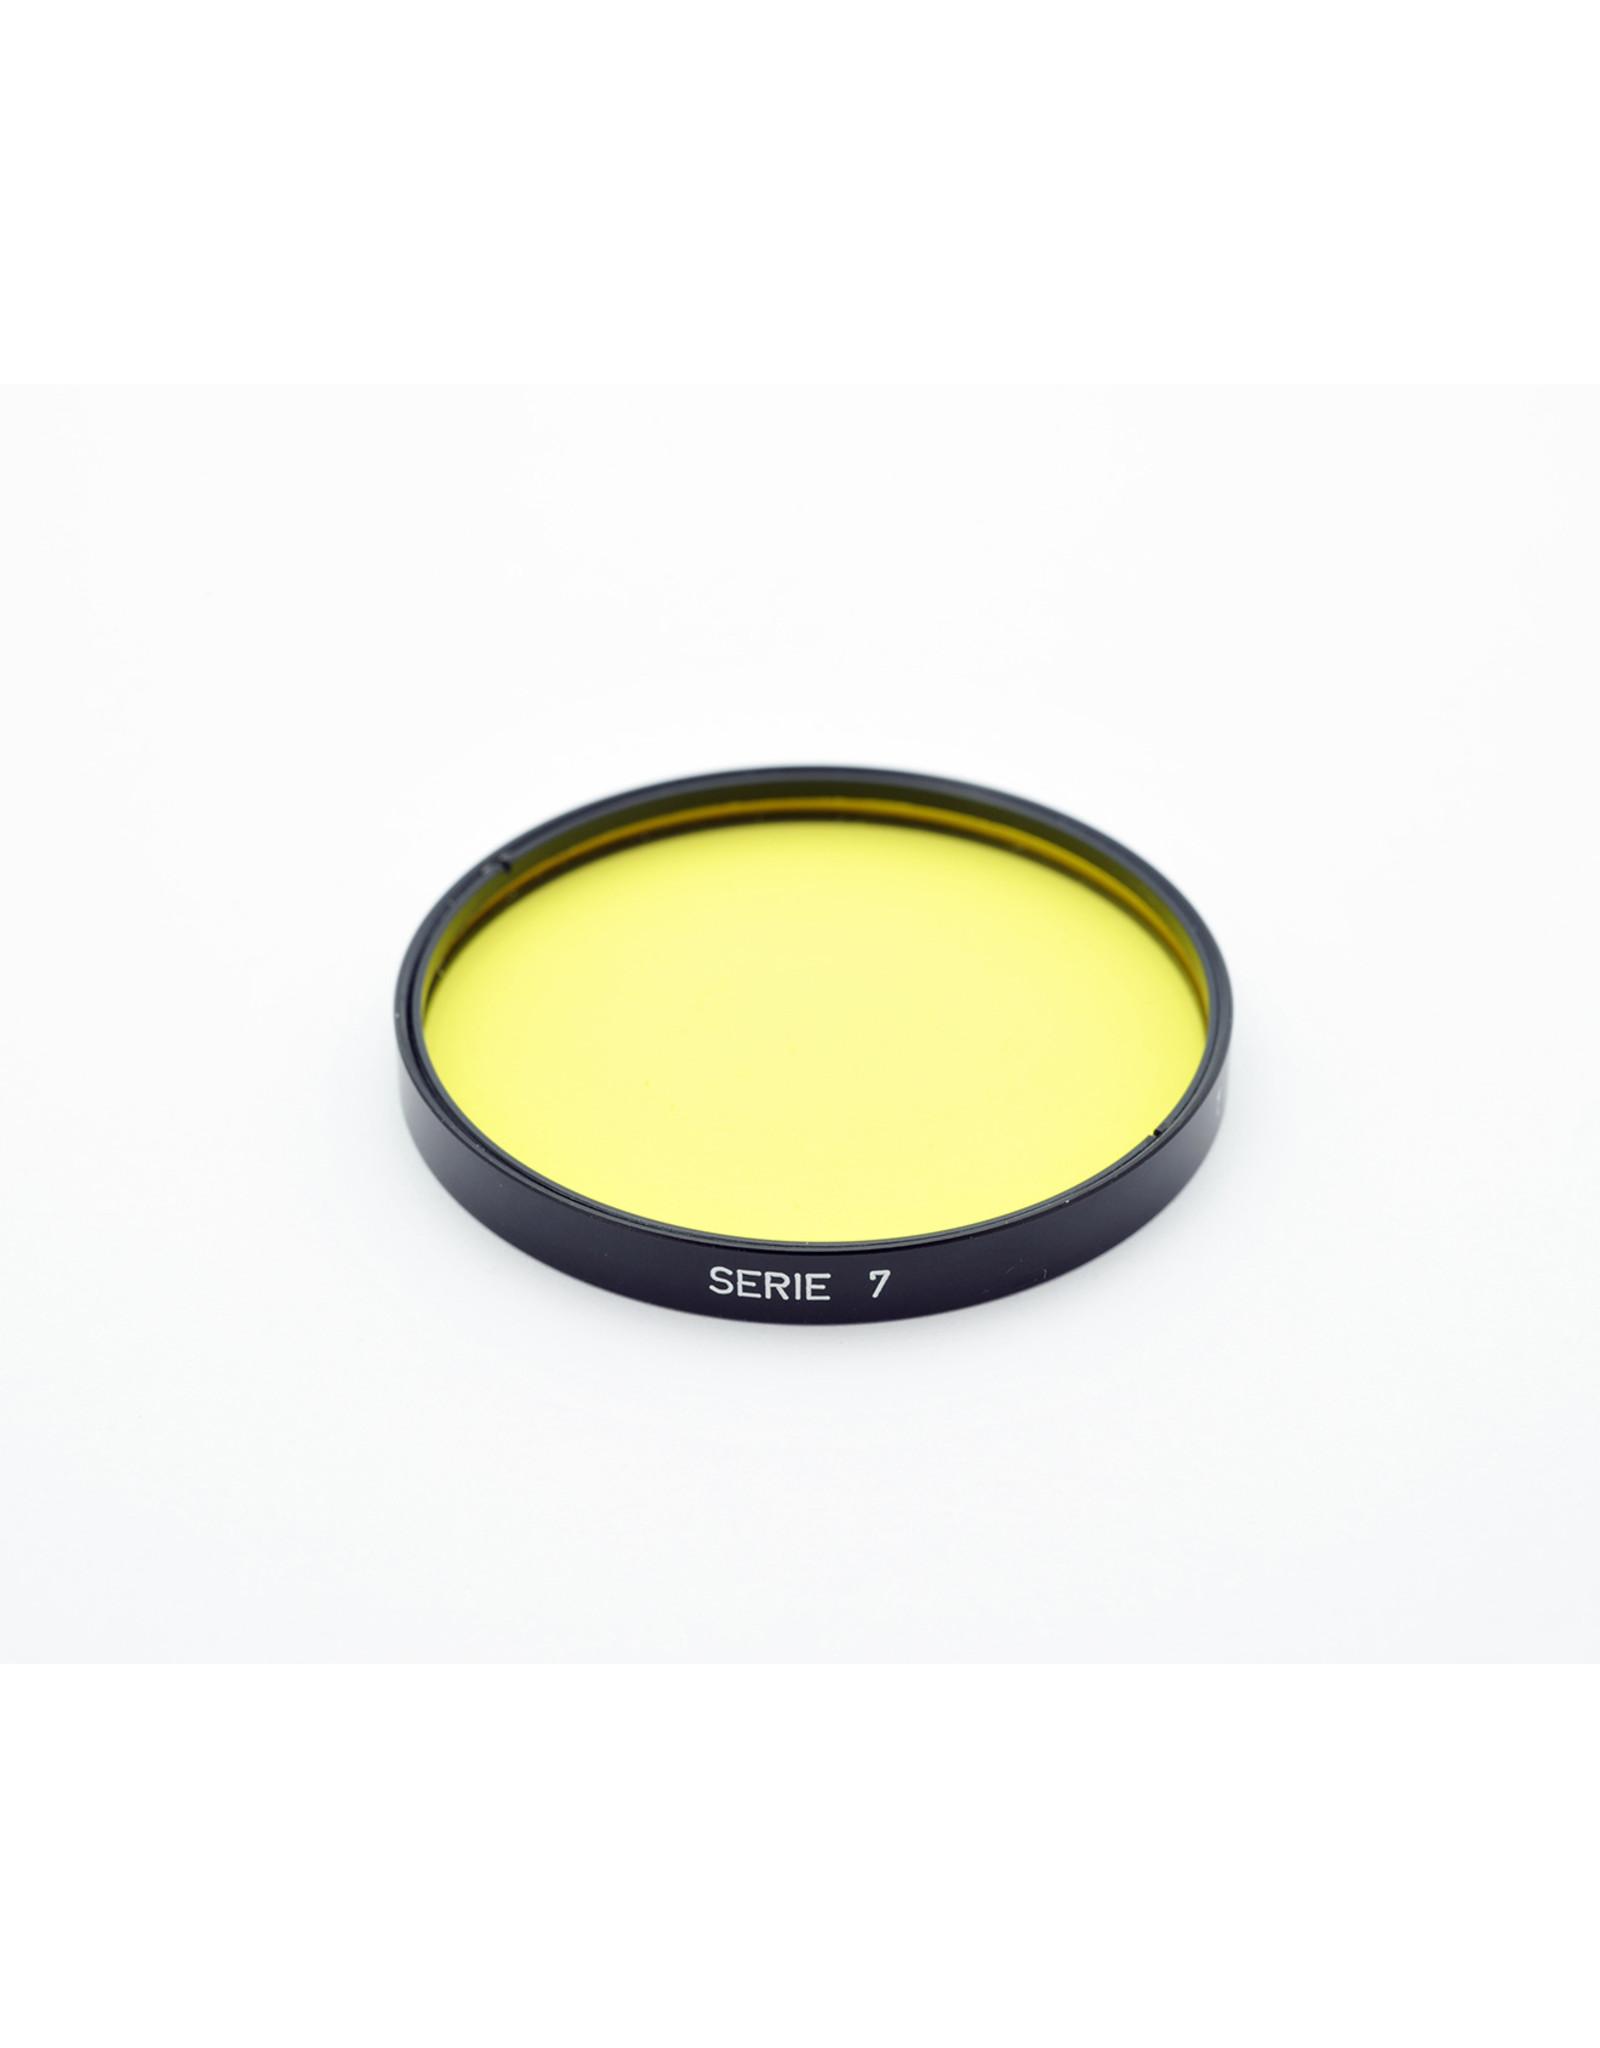 Leica Leica Serie 7 Filter Yellow   AP2070305